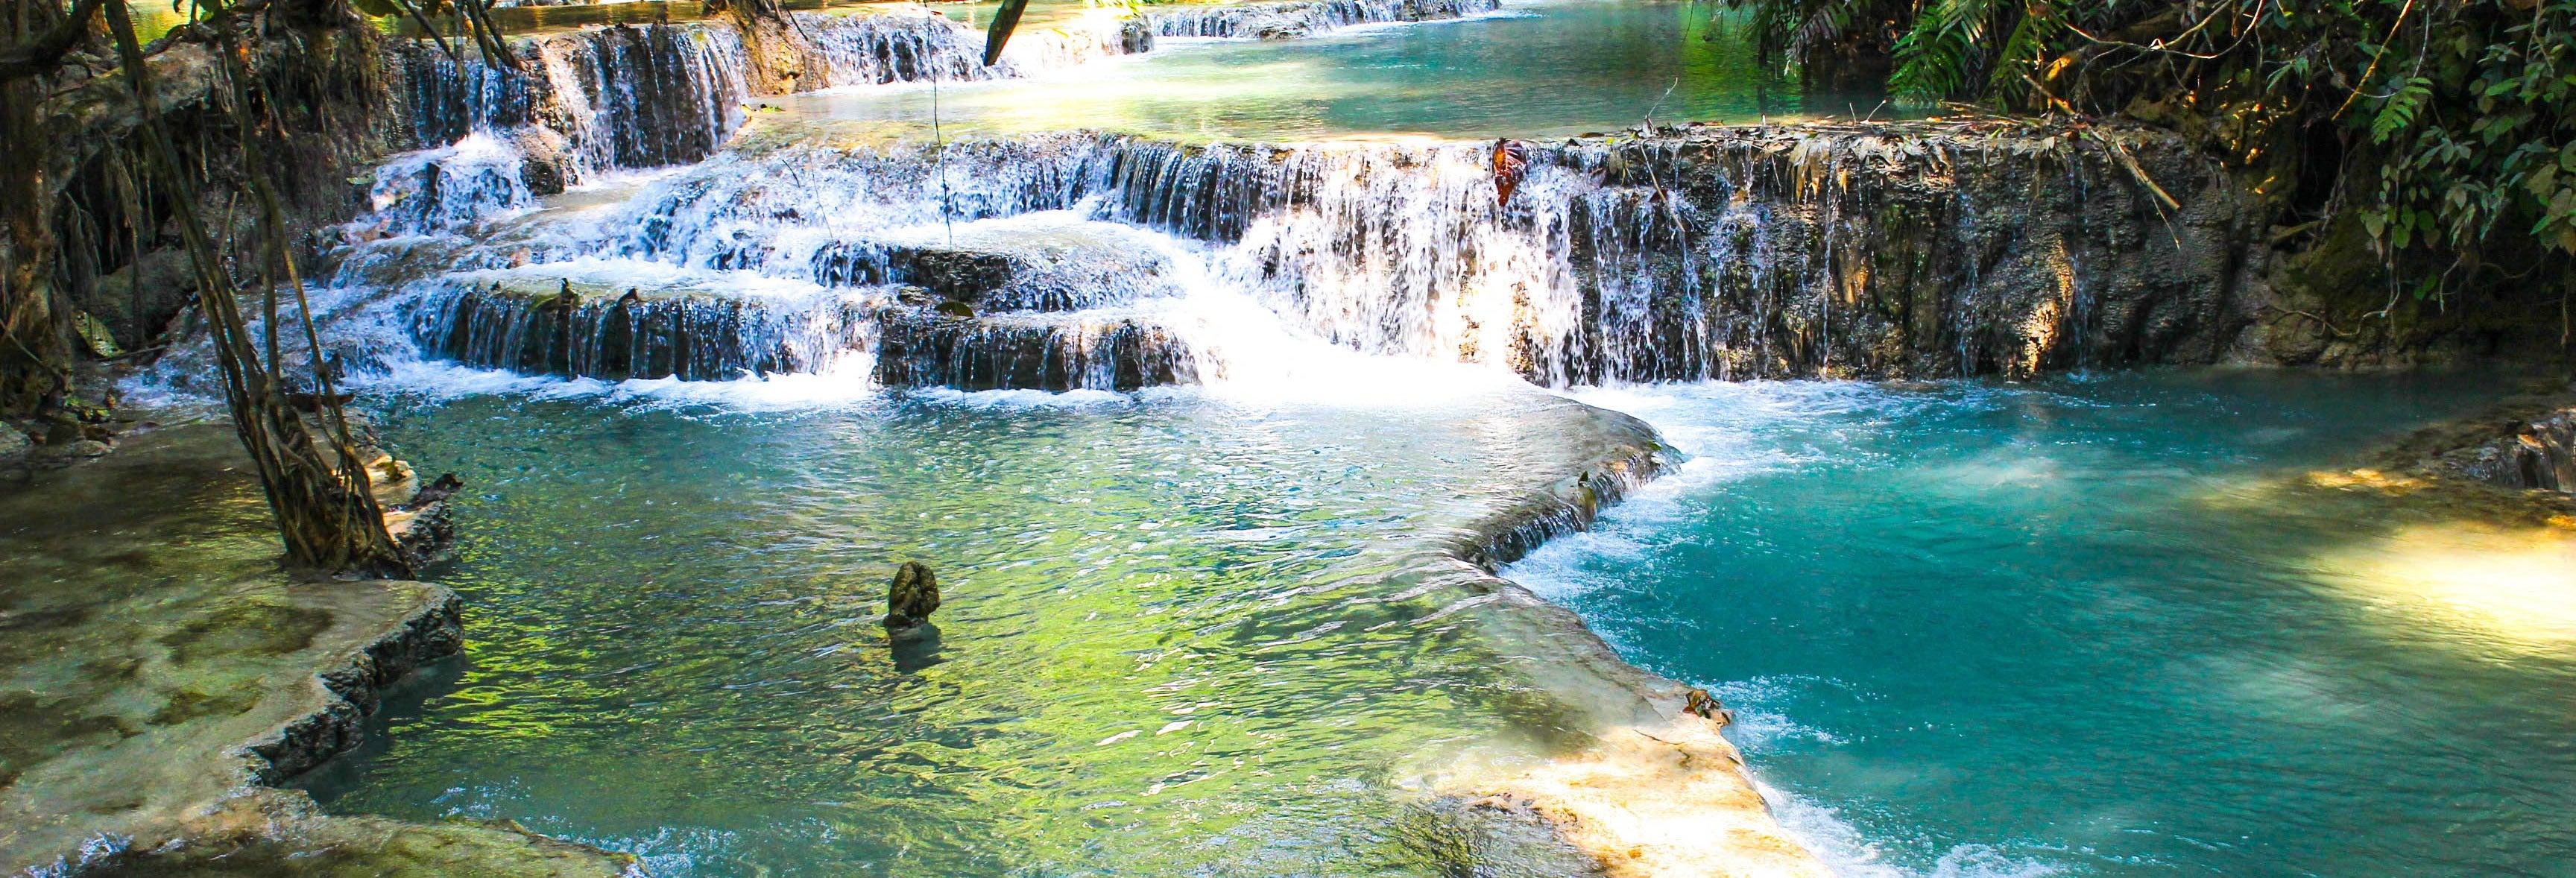 Excursion libre aux chutes de Kuang Si